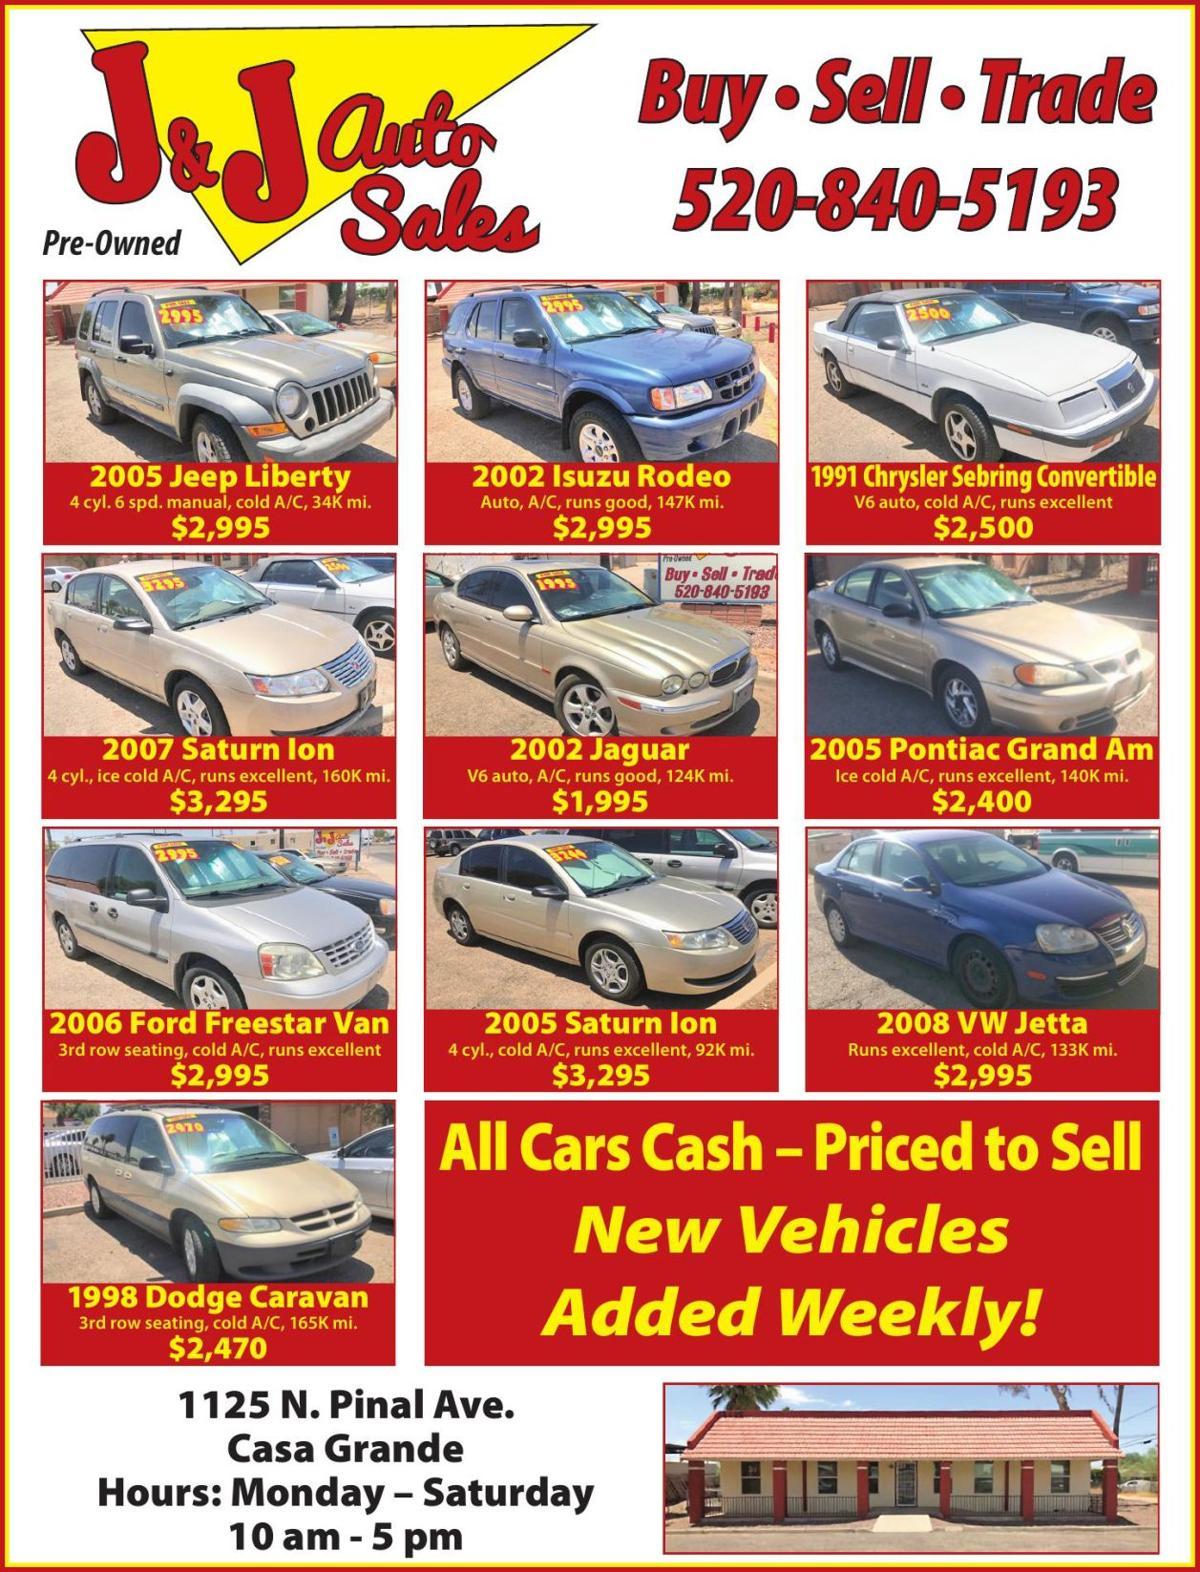 J&Js Auto Sales